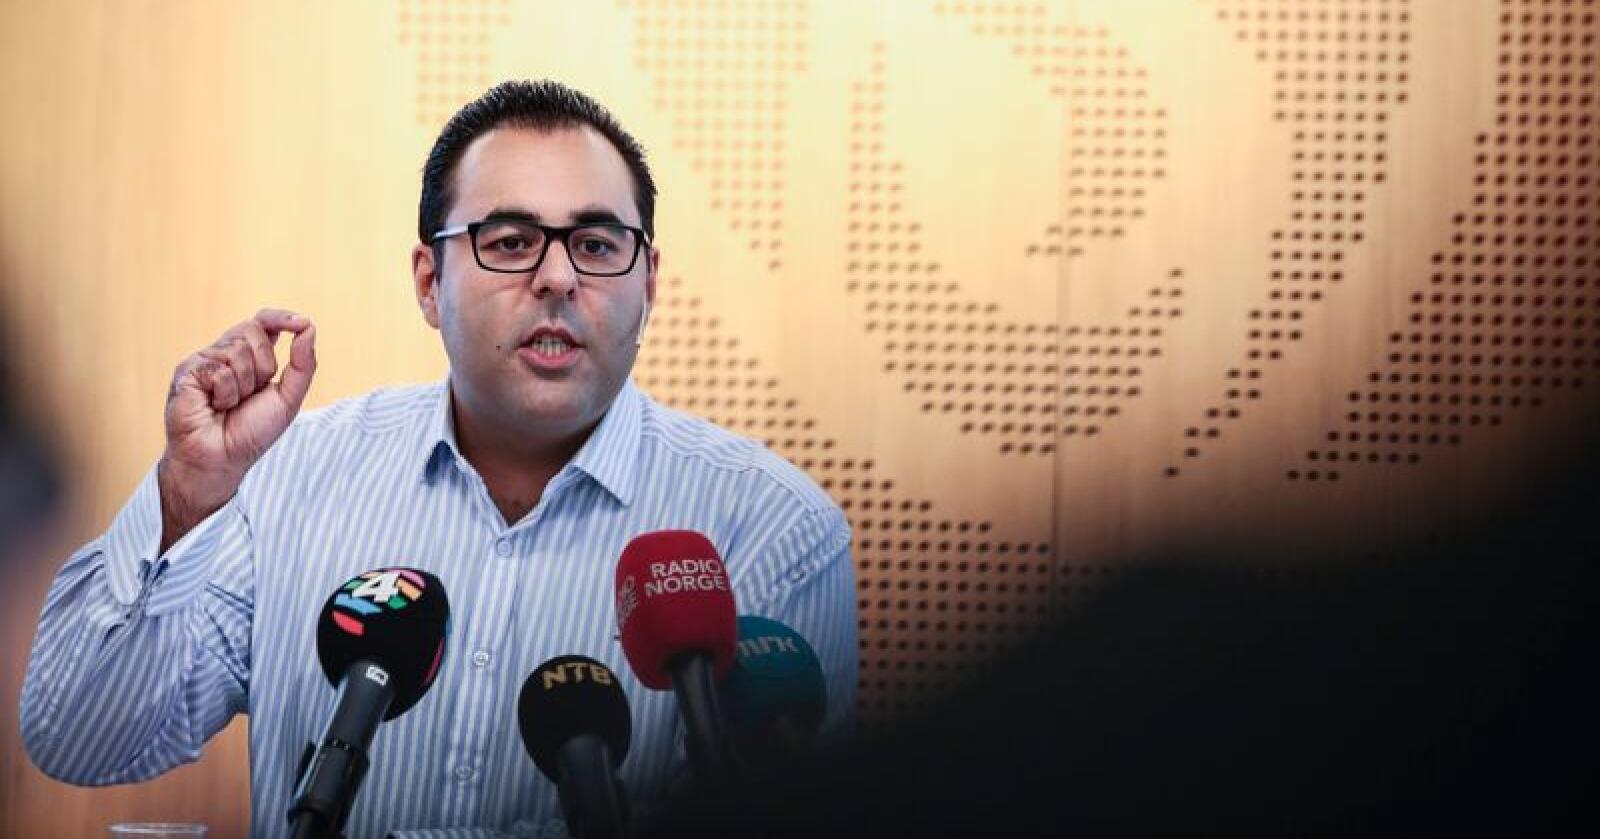 Masud Gharahkhani har vært leder av Arbeiderpartiets migrasjonsutvalg som onsdag la fram sine første forslag til hvordan partiets innvandringspolitikk bør se ut. Foto: Lise Åserud / NTB scanpix